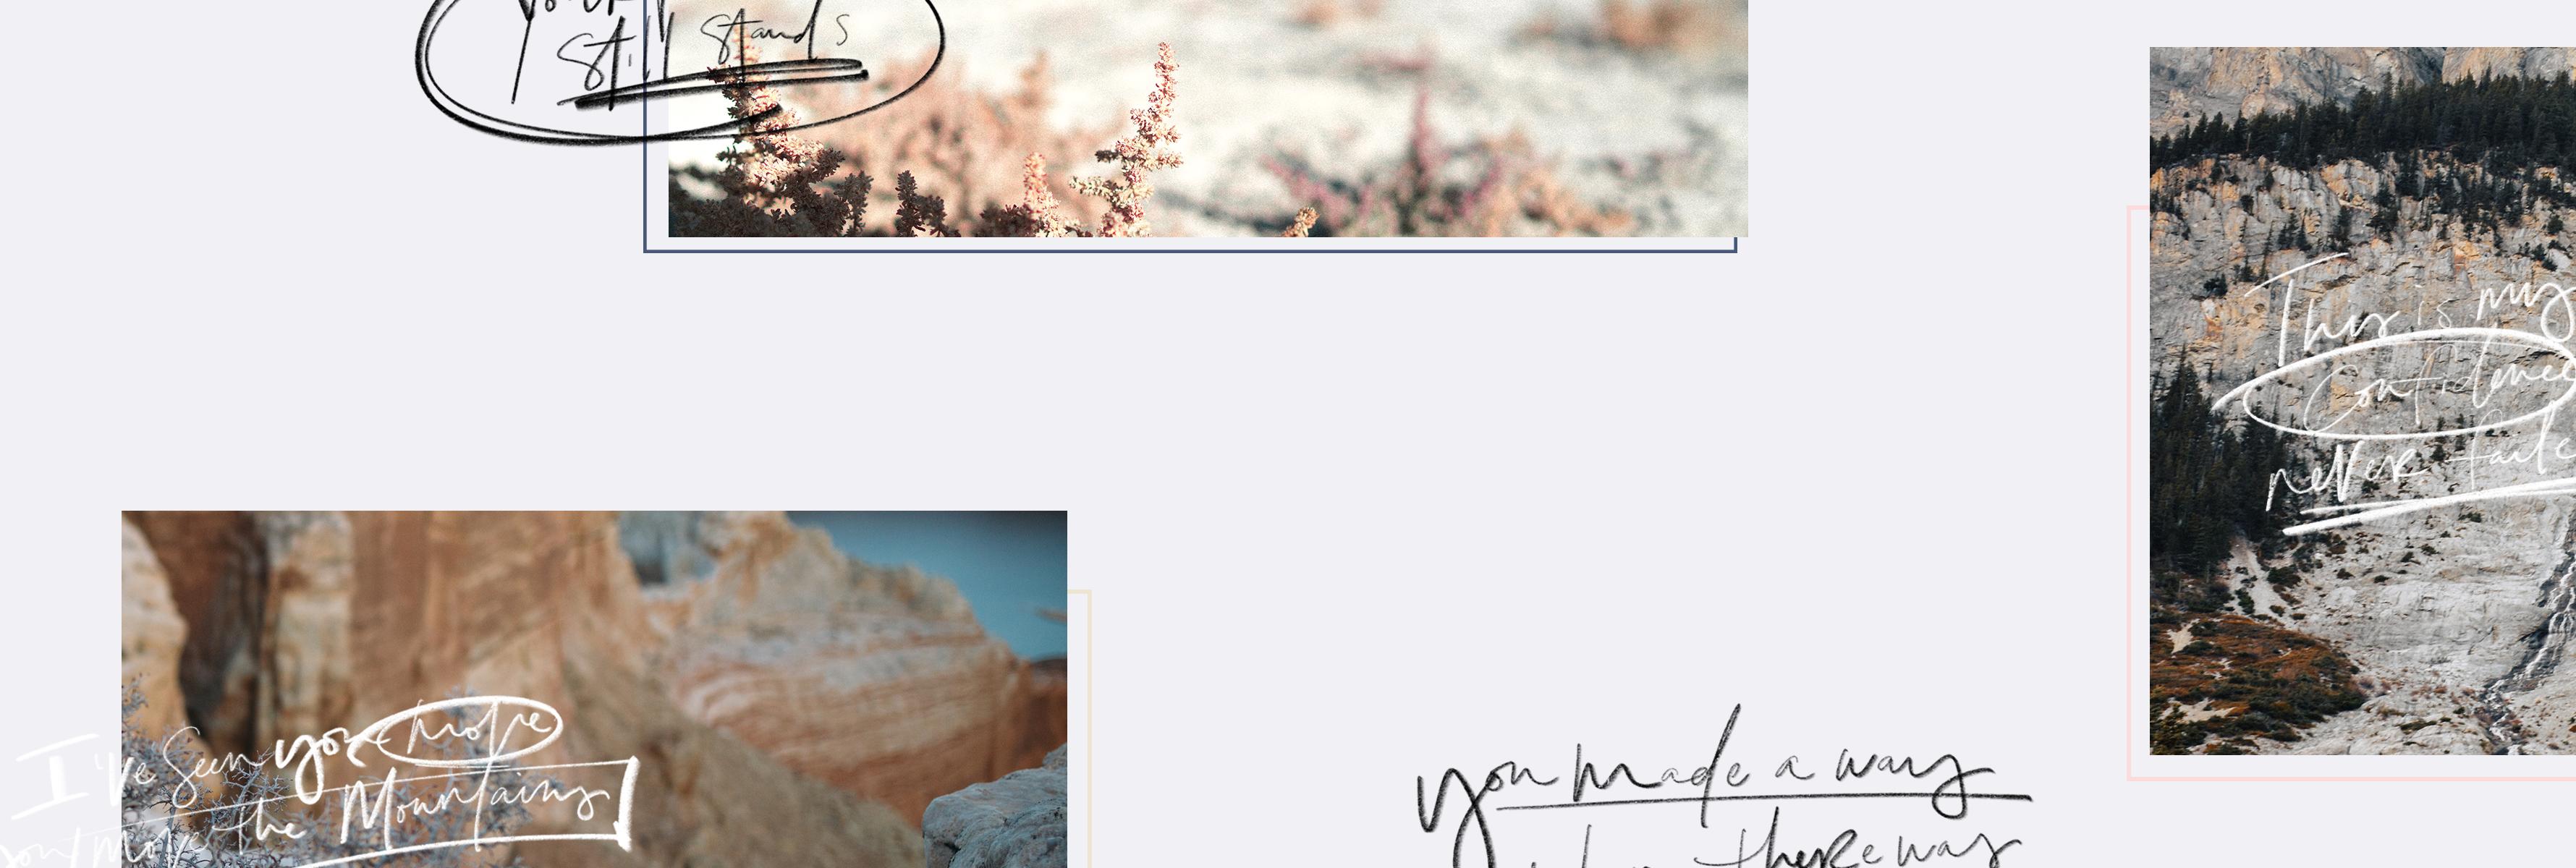 3560x1200 - Background (JPG)